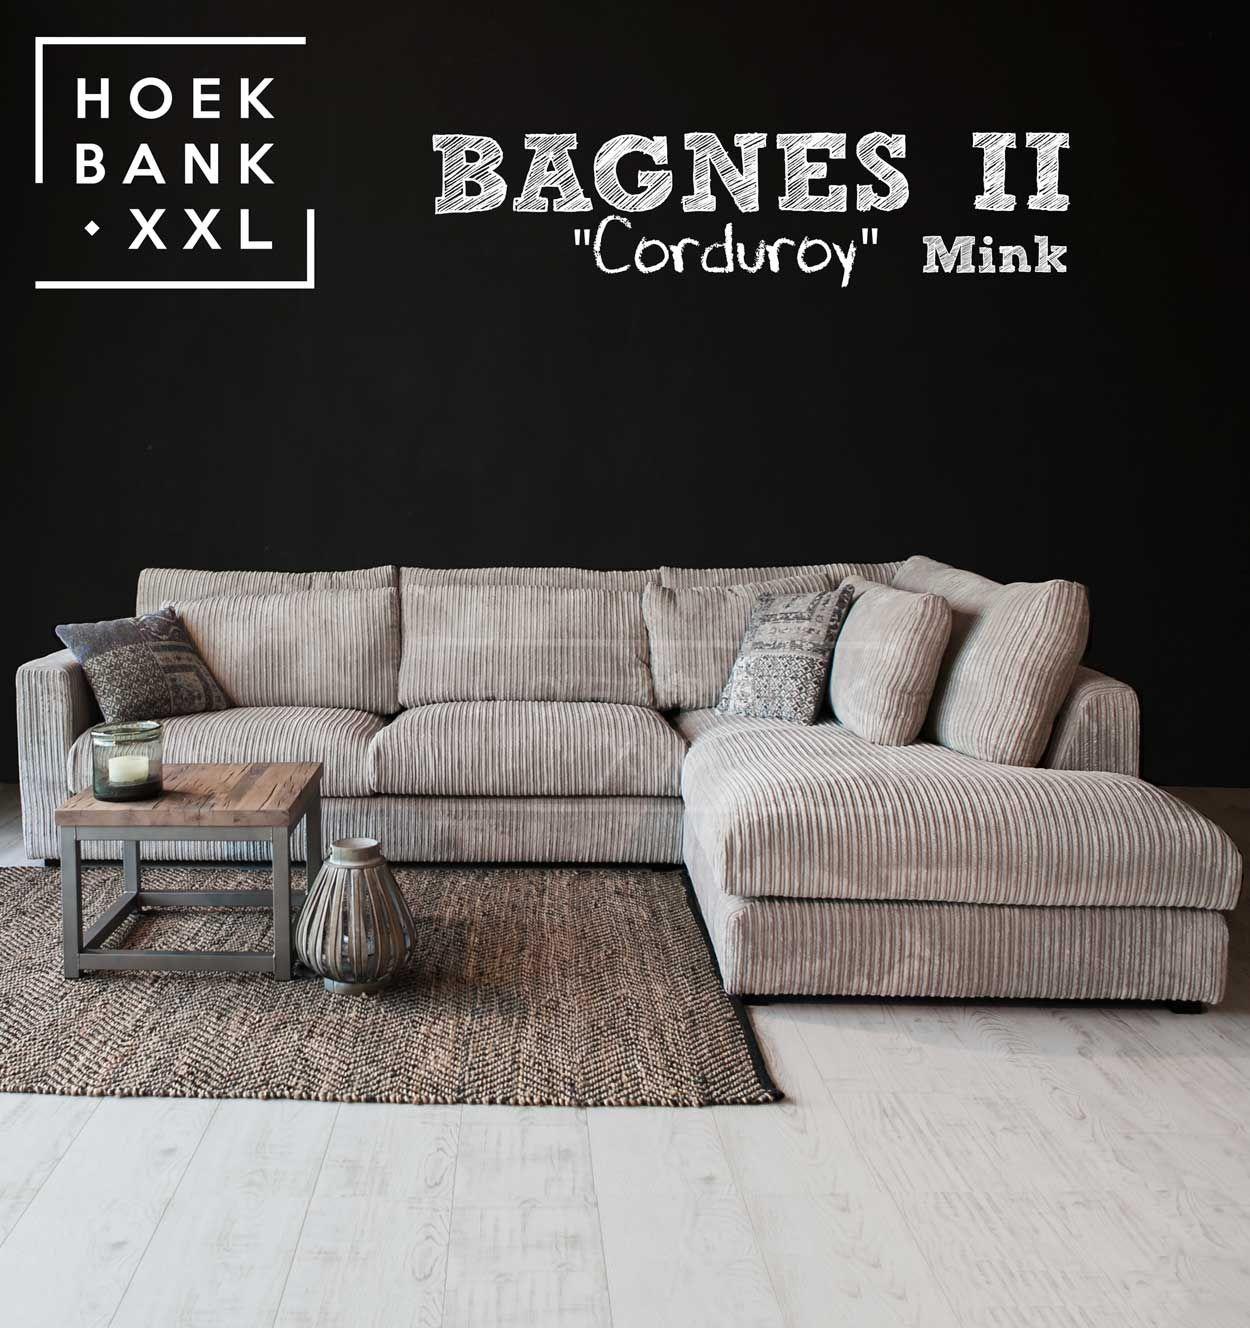 Hoekbank Bagnes II in de kleur beige Het is een grote